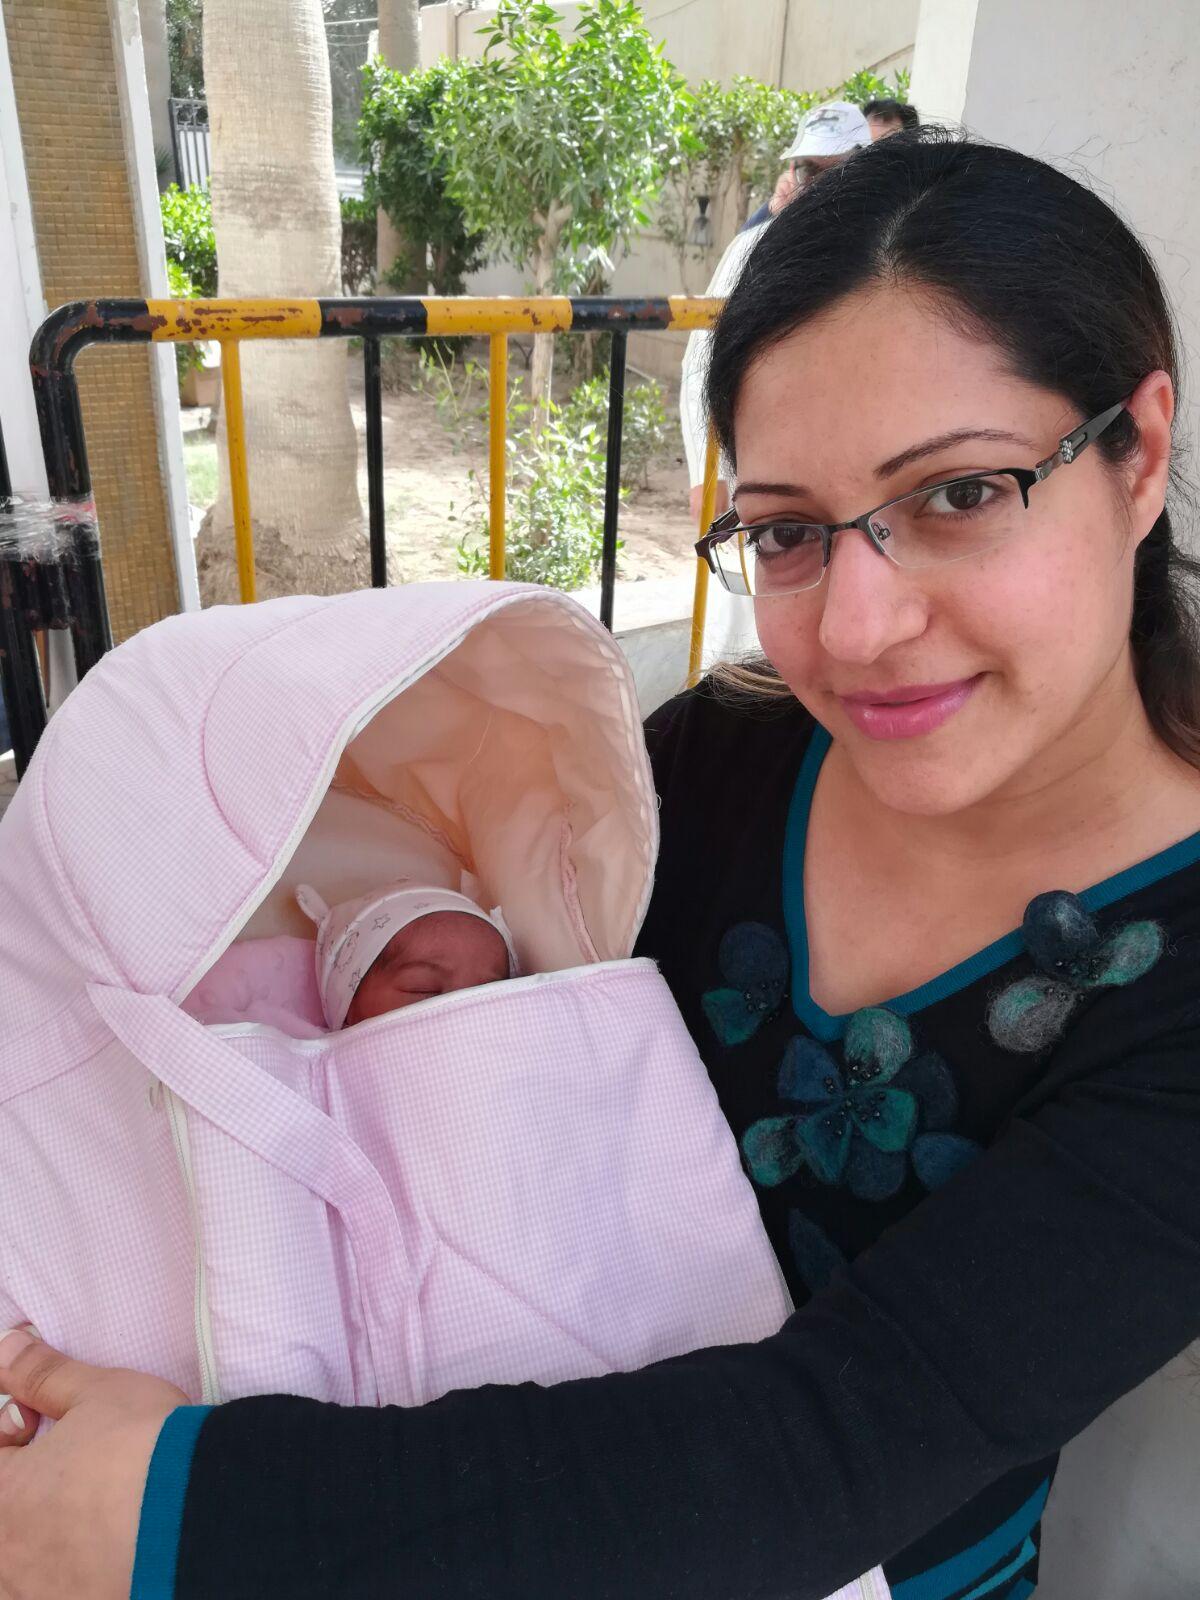 مصرية تخرج من المستشفى برضيعها للإدلاء بصوتها